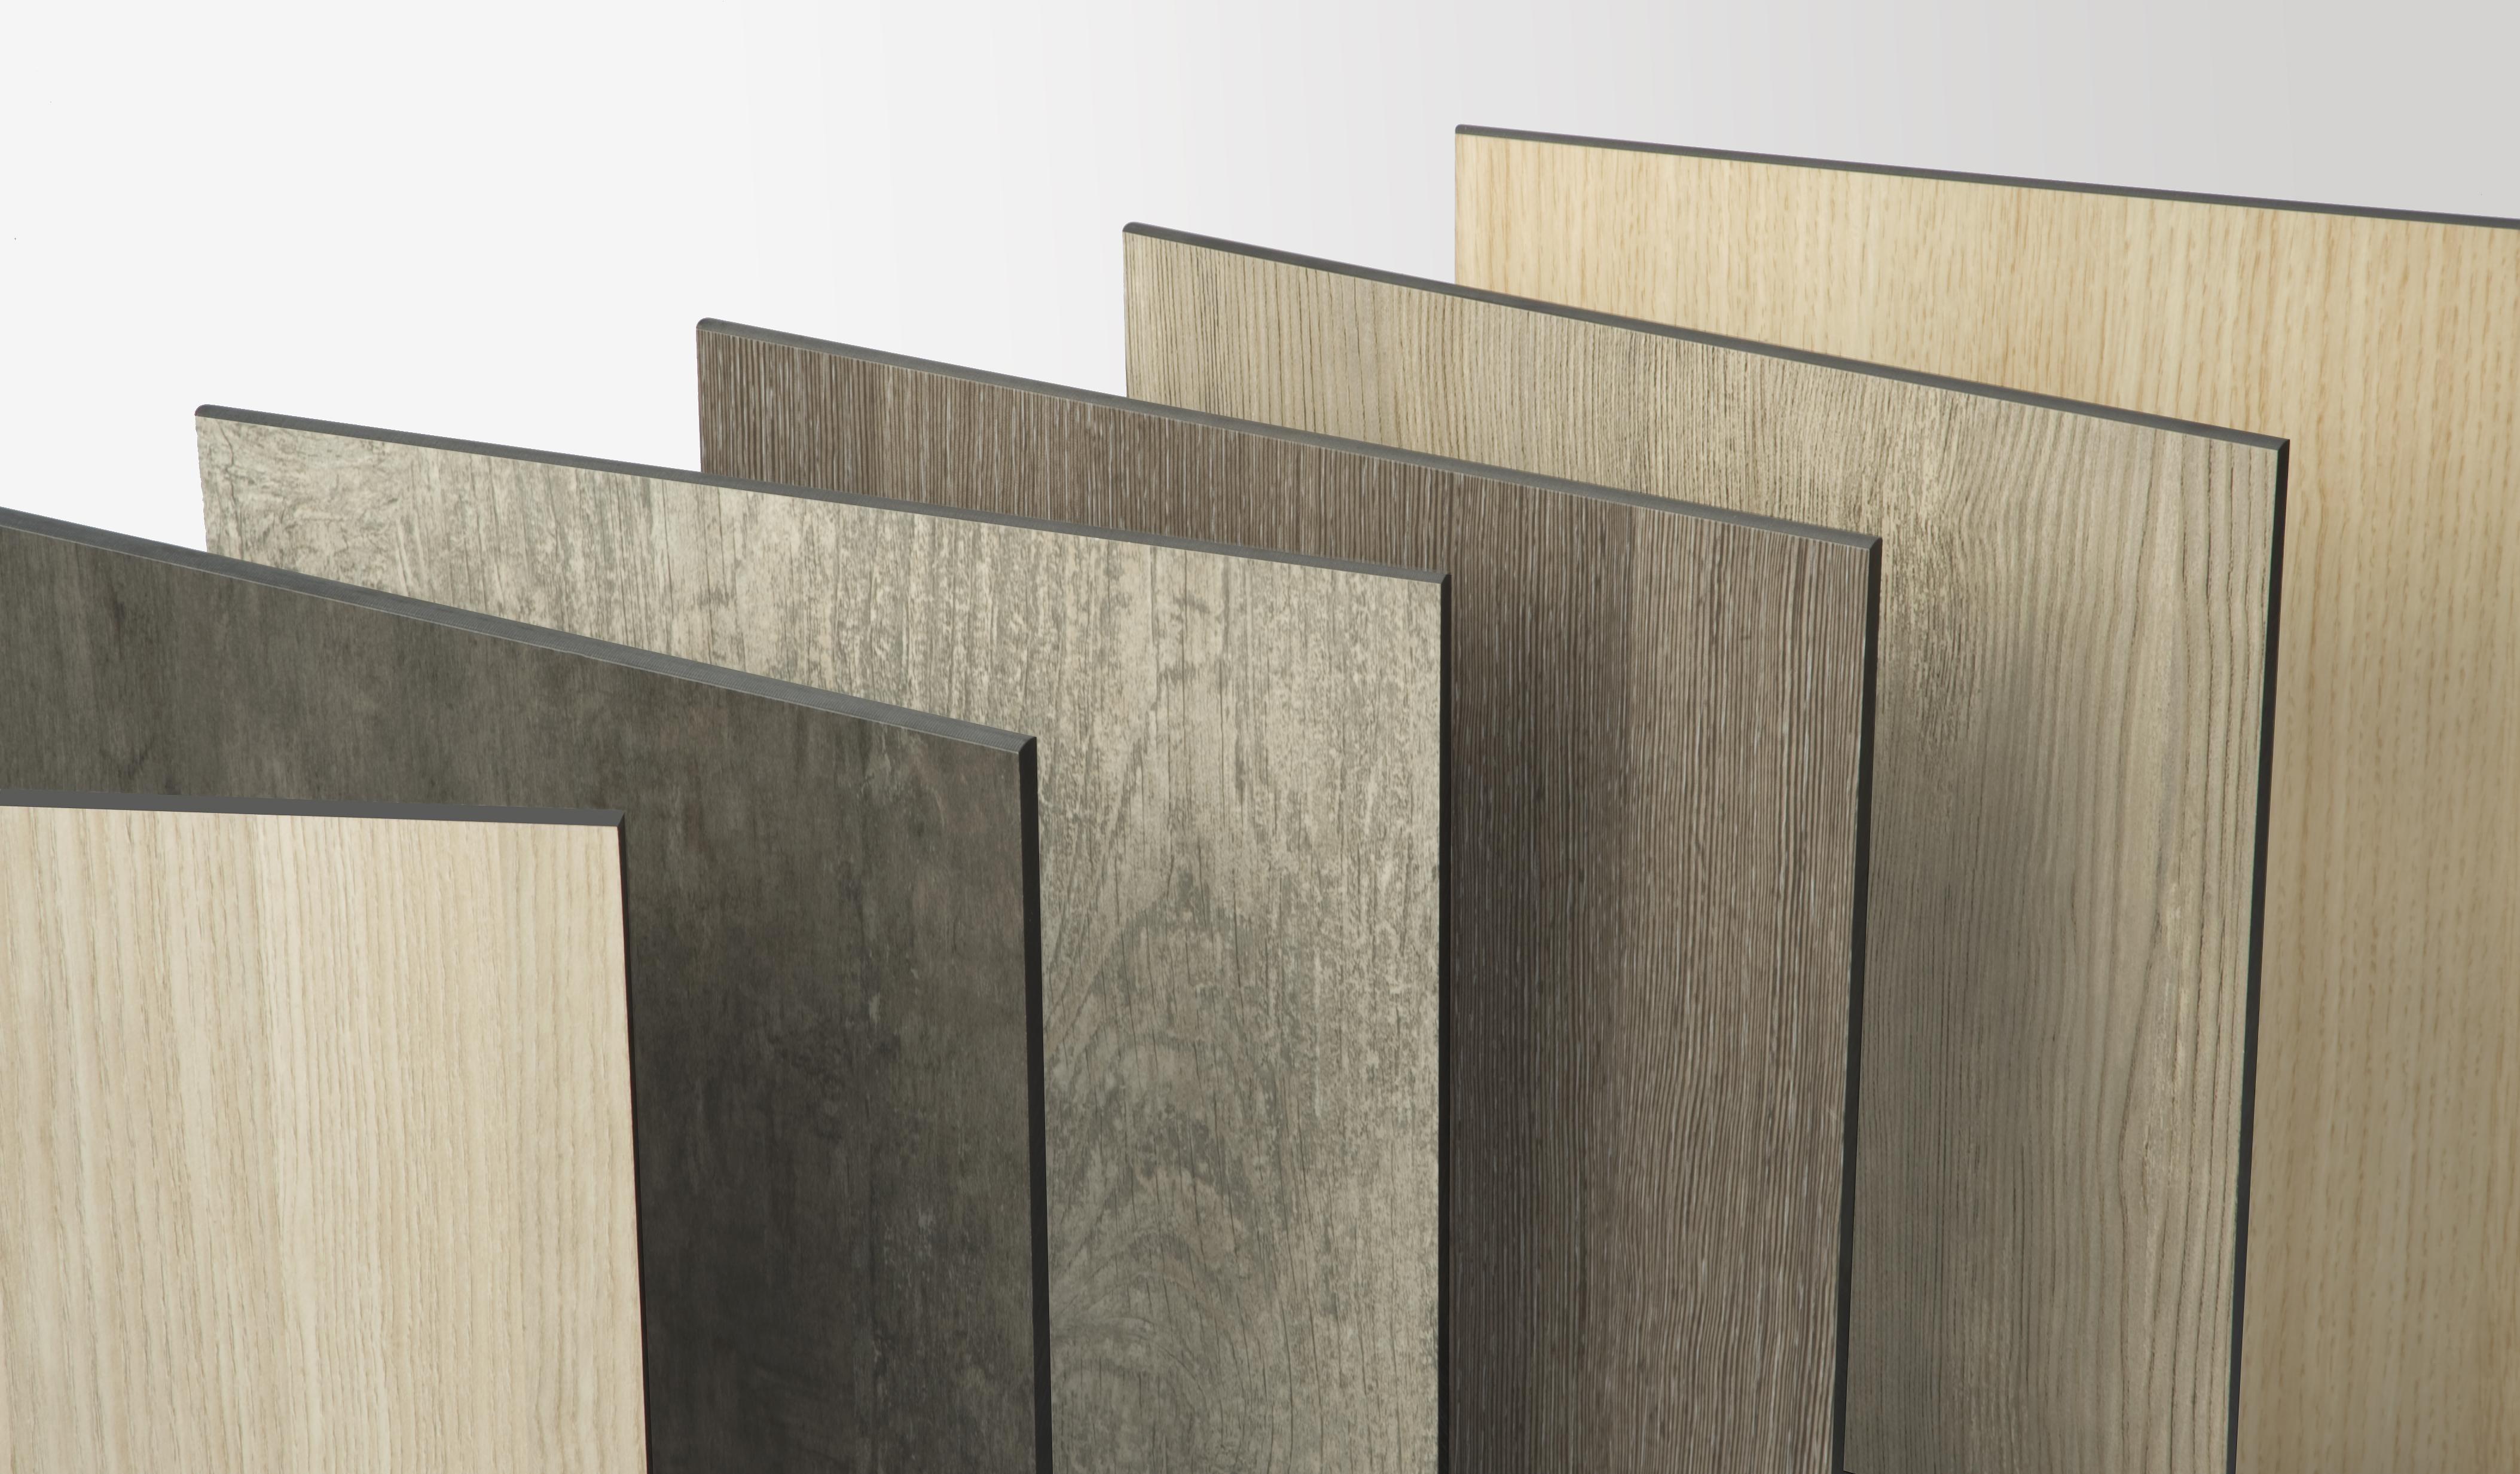 trespa meteon assortiment uitgebreid met tijdloos grijs. Black Bedroom Furniture Sets. Home Design Ideas